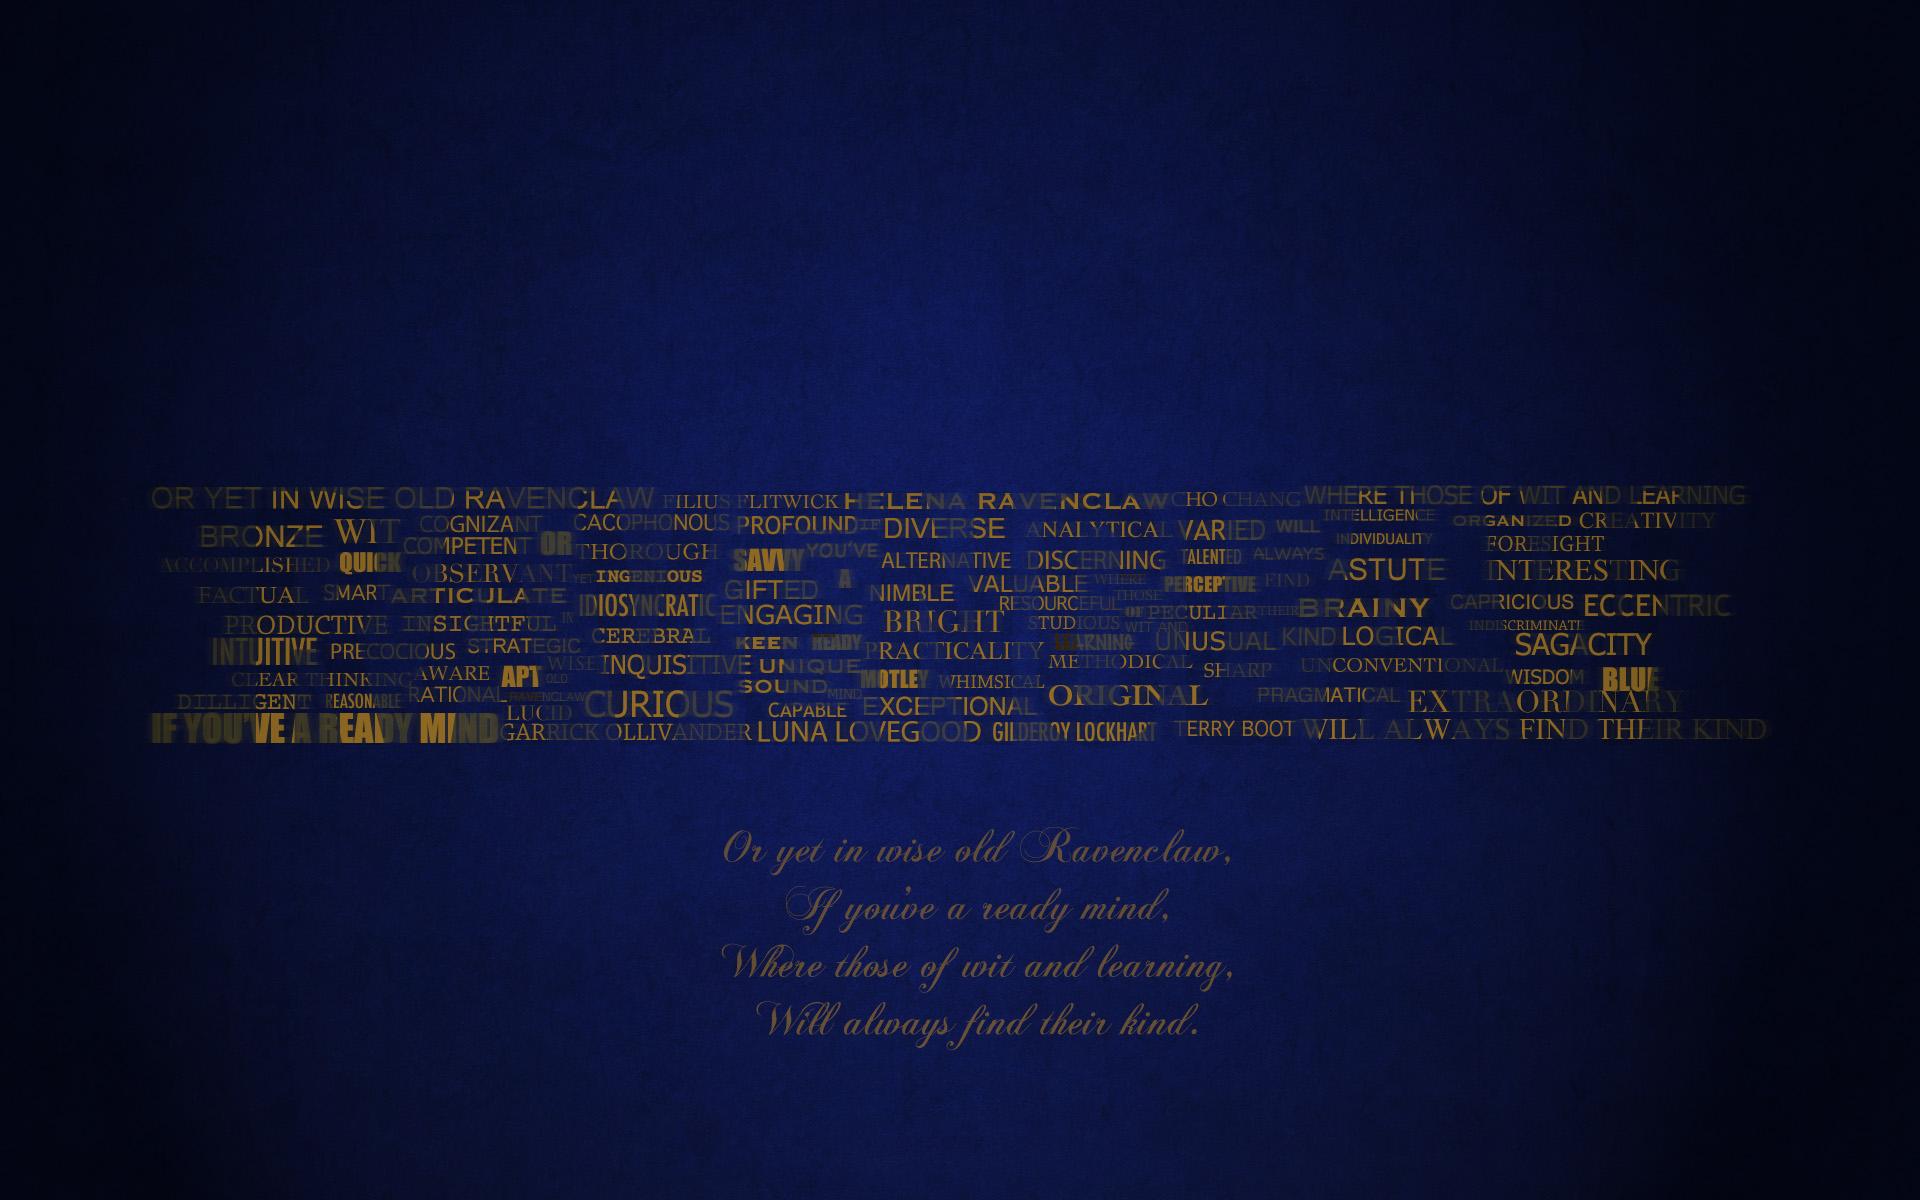 Ravenclaw Typography Wallpaper by GlobalParody 1920x1200